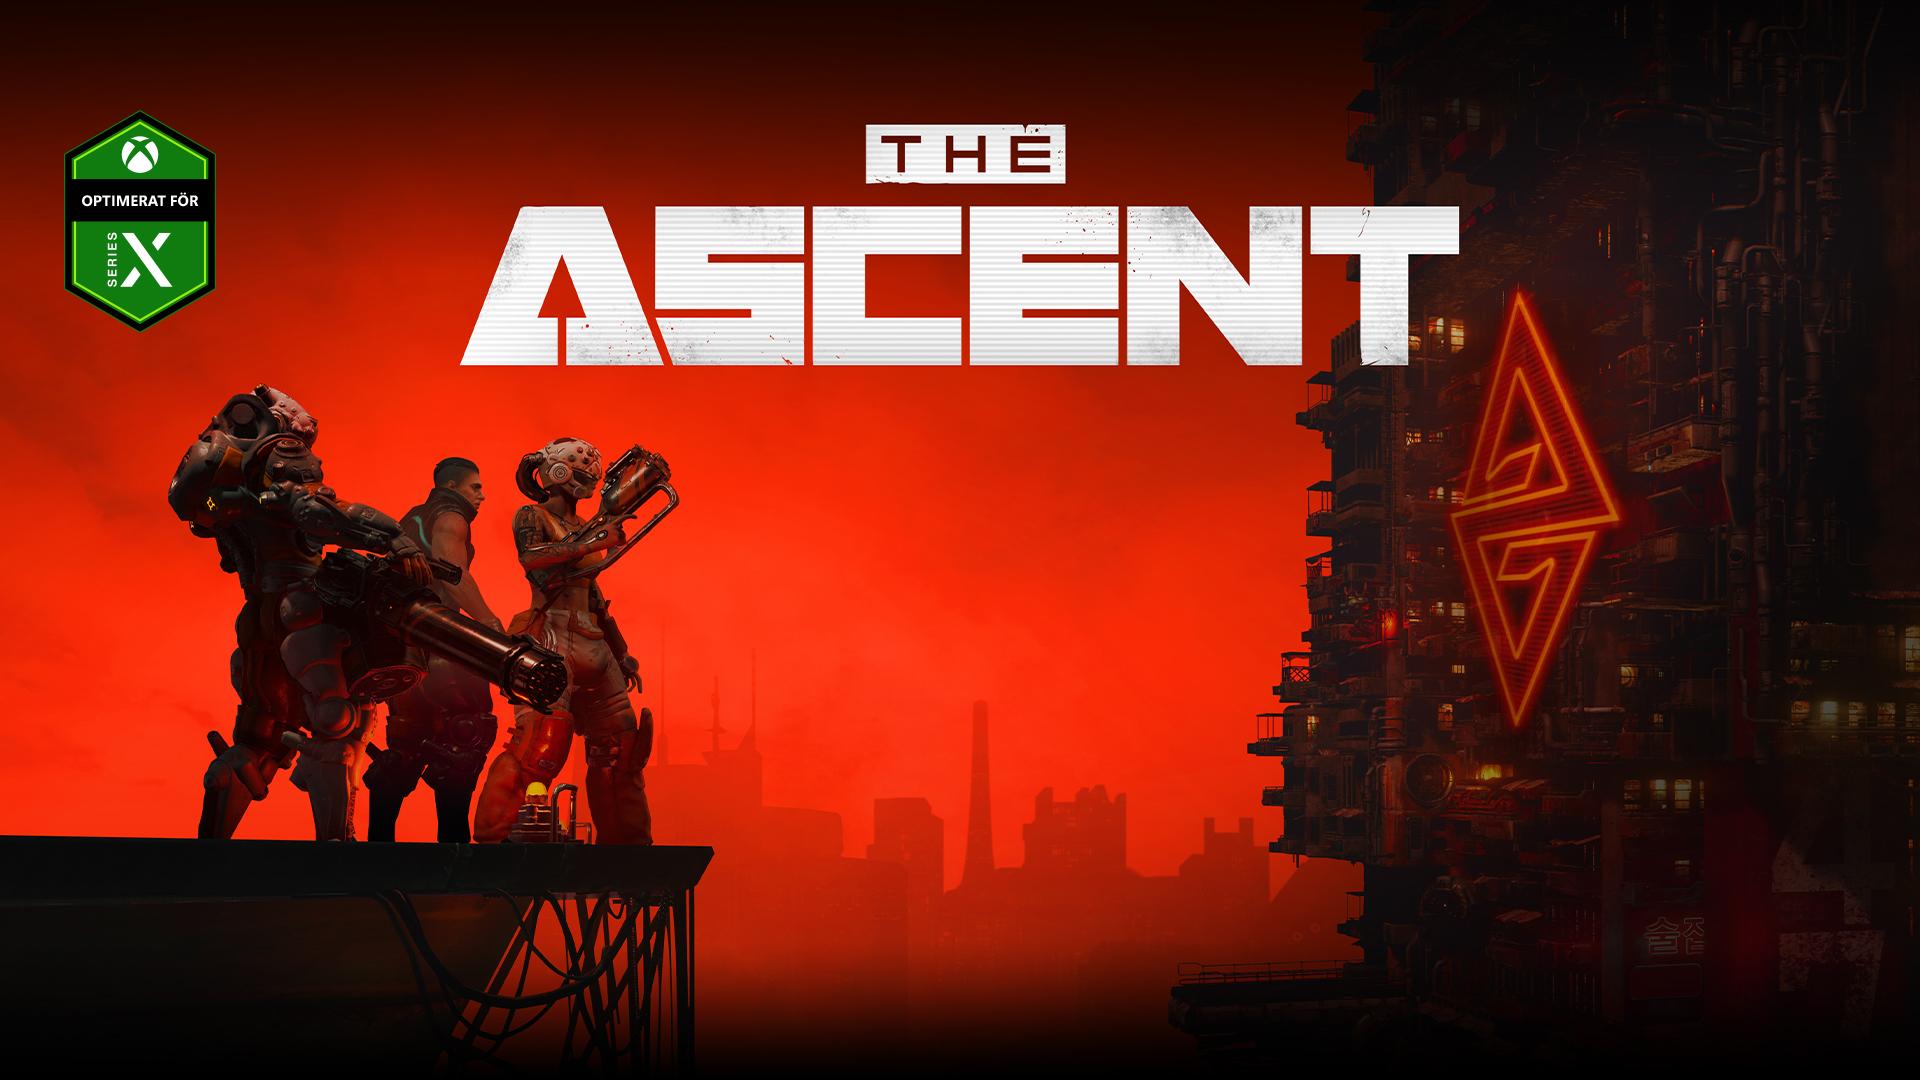 The Ascent, Optimerat för Xbox Series X, tre karaktärer står på en plattform och ser ut över en stor konstruktion i cyberpunkstil